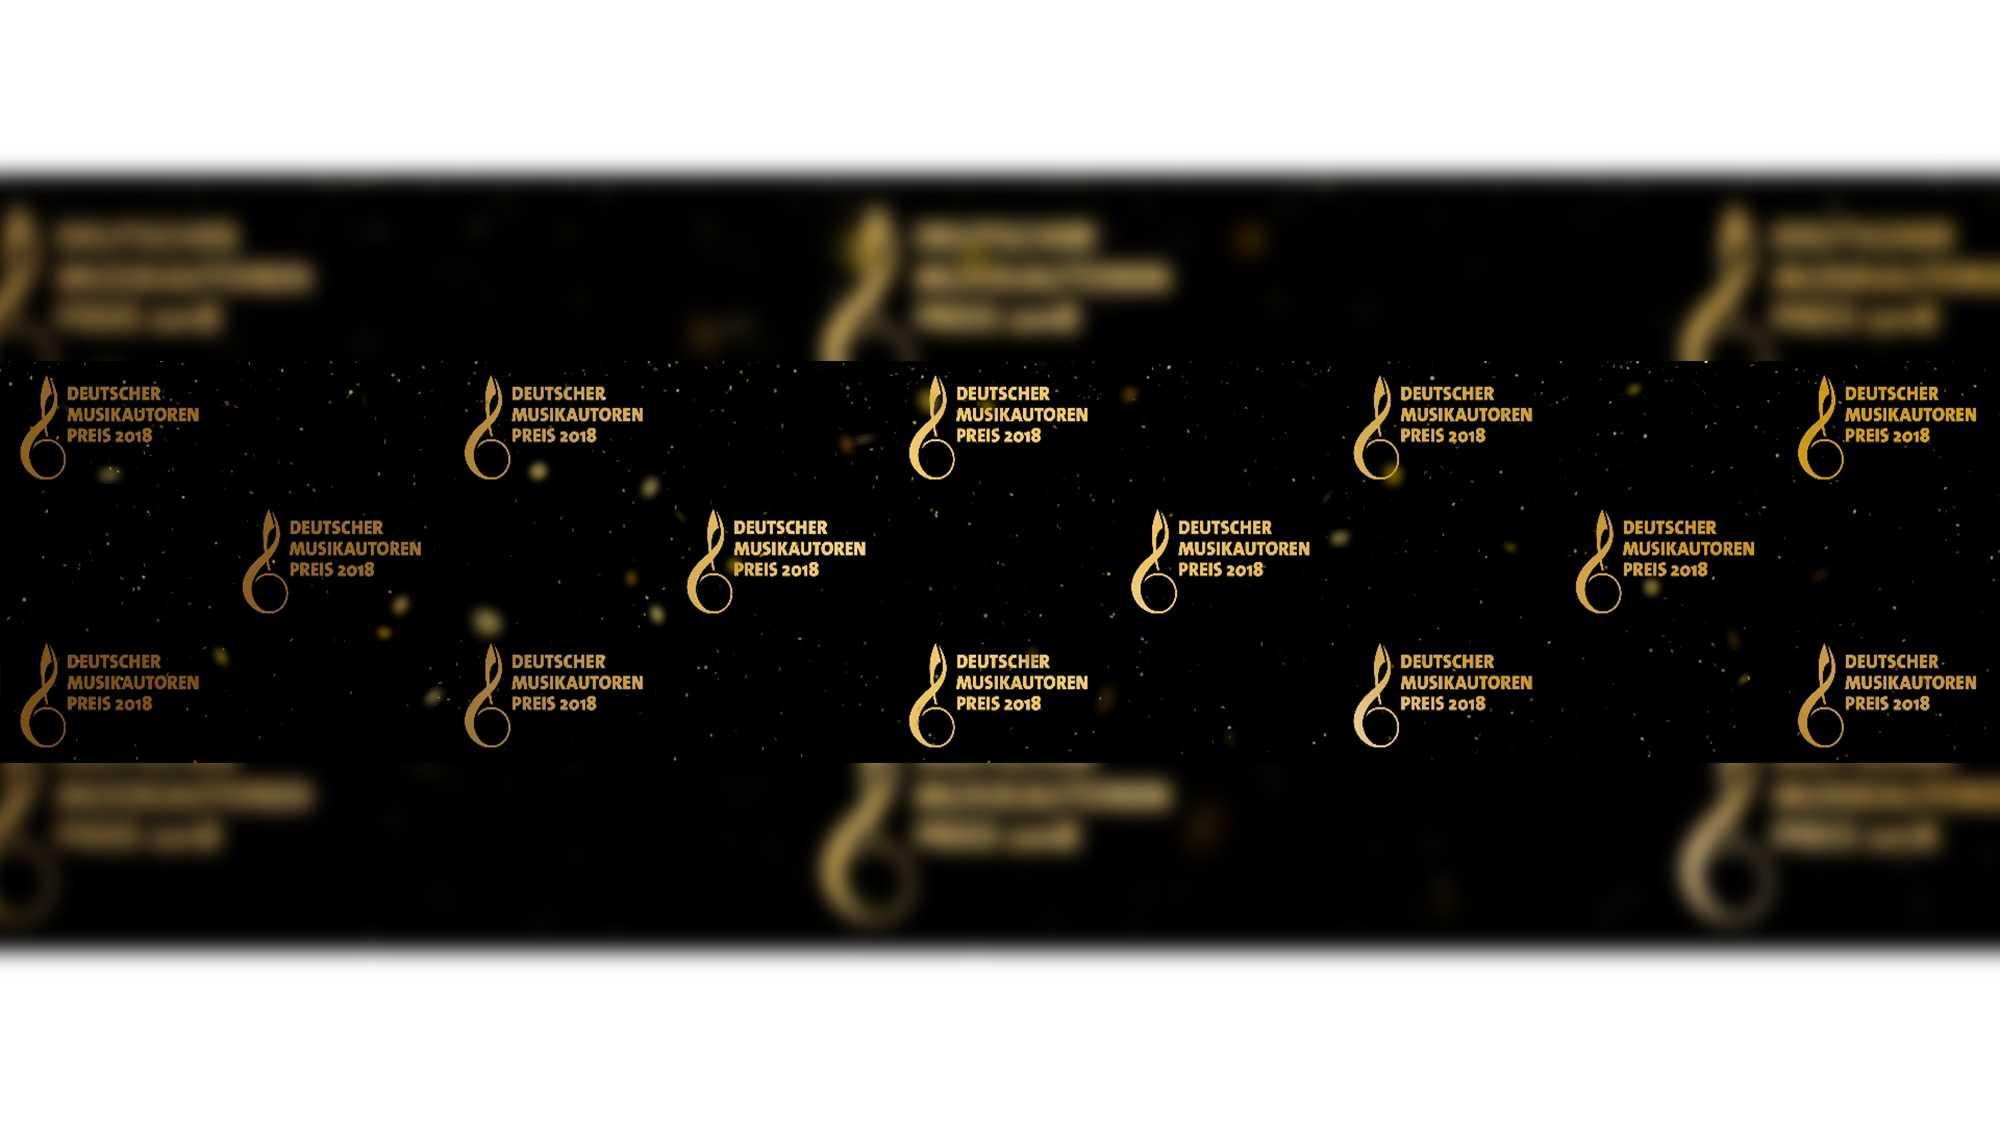 """Das Bild zeigt ein goldenes Logo diverse Male. Es ist auf einen schwarzen Hintergrund gelegt. Das Logo ist eine Musiknote neben der der Text """"Deutscher Musikautorenpreis"""" steht. Das Bild dient als Sliderbild für den Portfolioeintrag """"GEMA – Deutscher Musikautorenpreis"""" von Panda Pictures."""